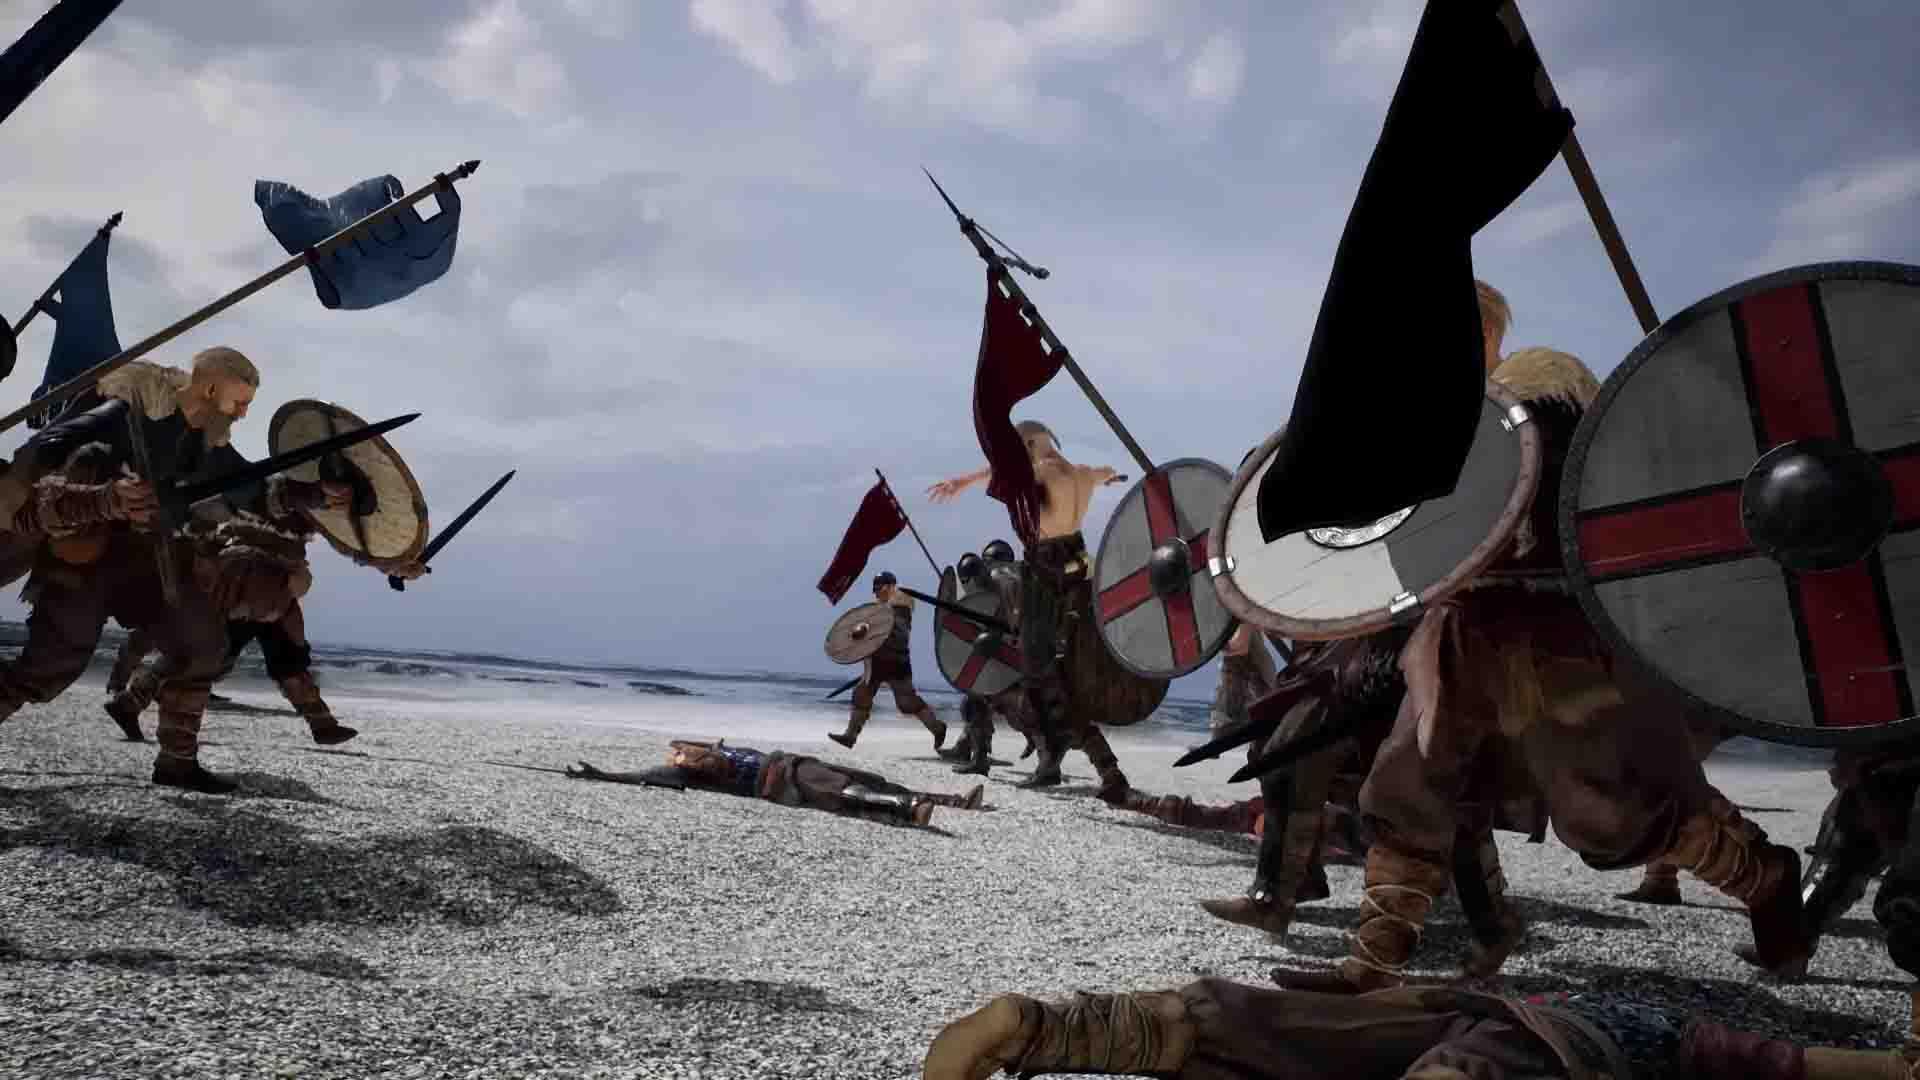 Valhall - Королевская битва викингов